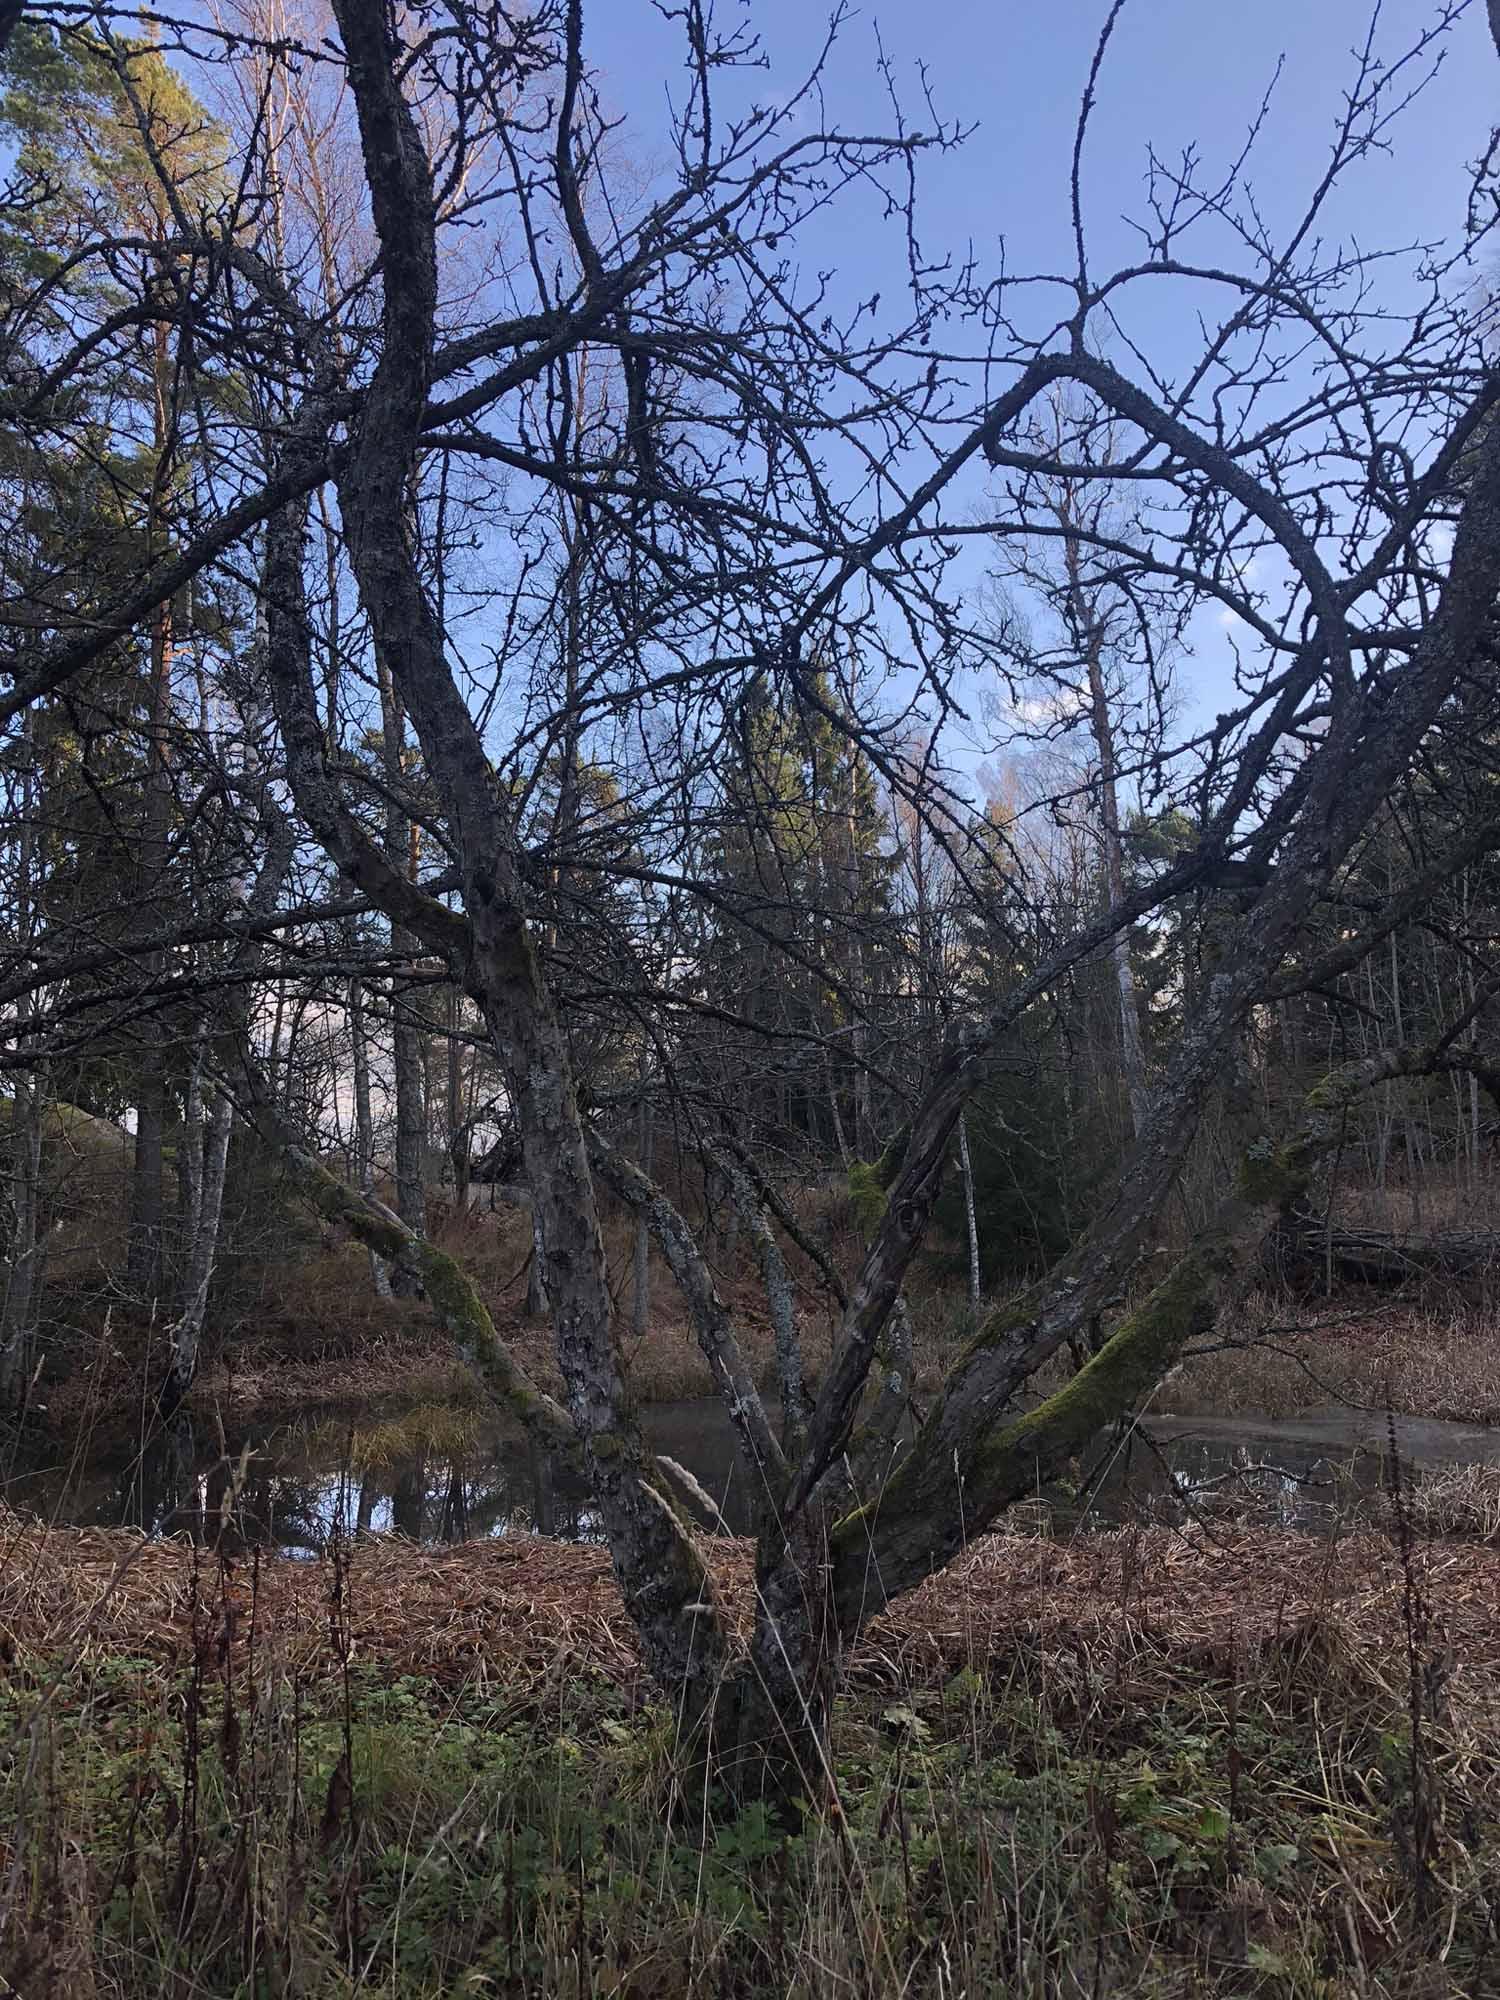 Yksinäinen omenapuuvanhus